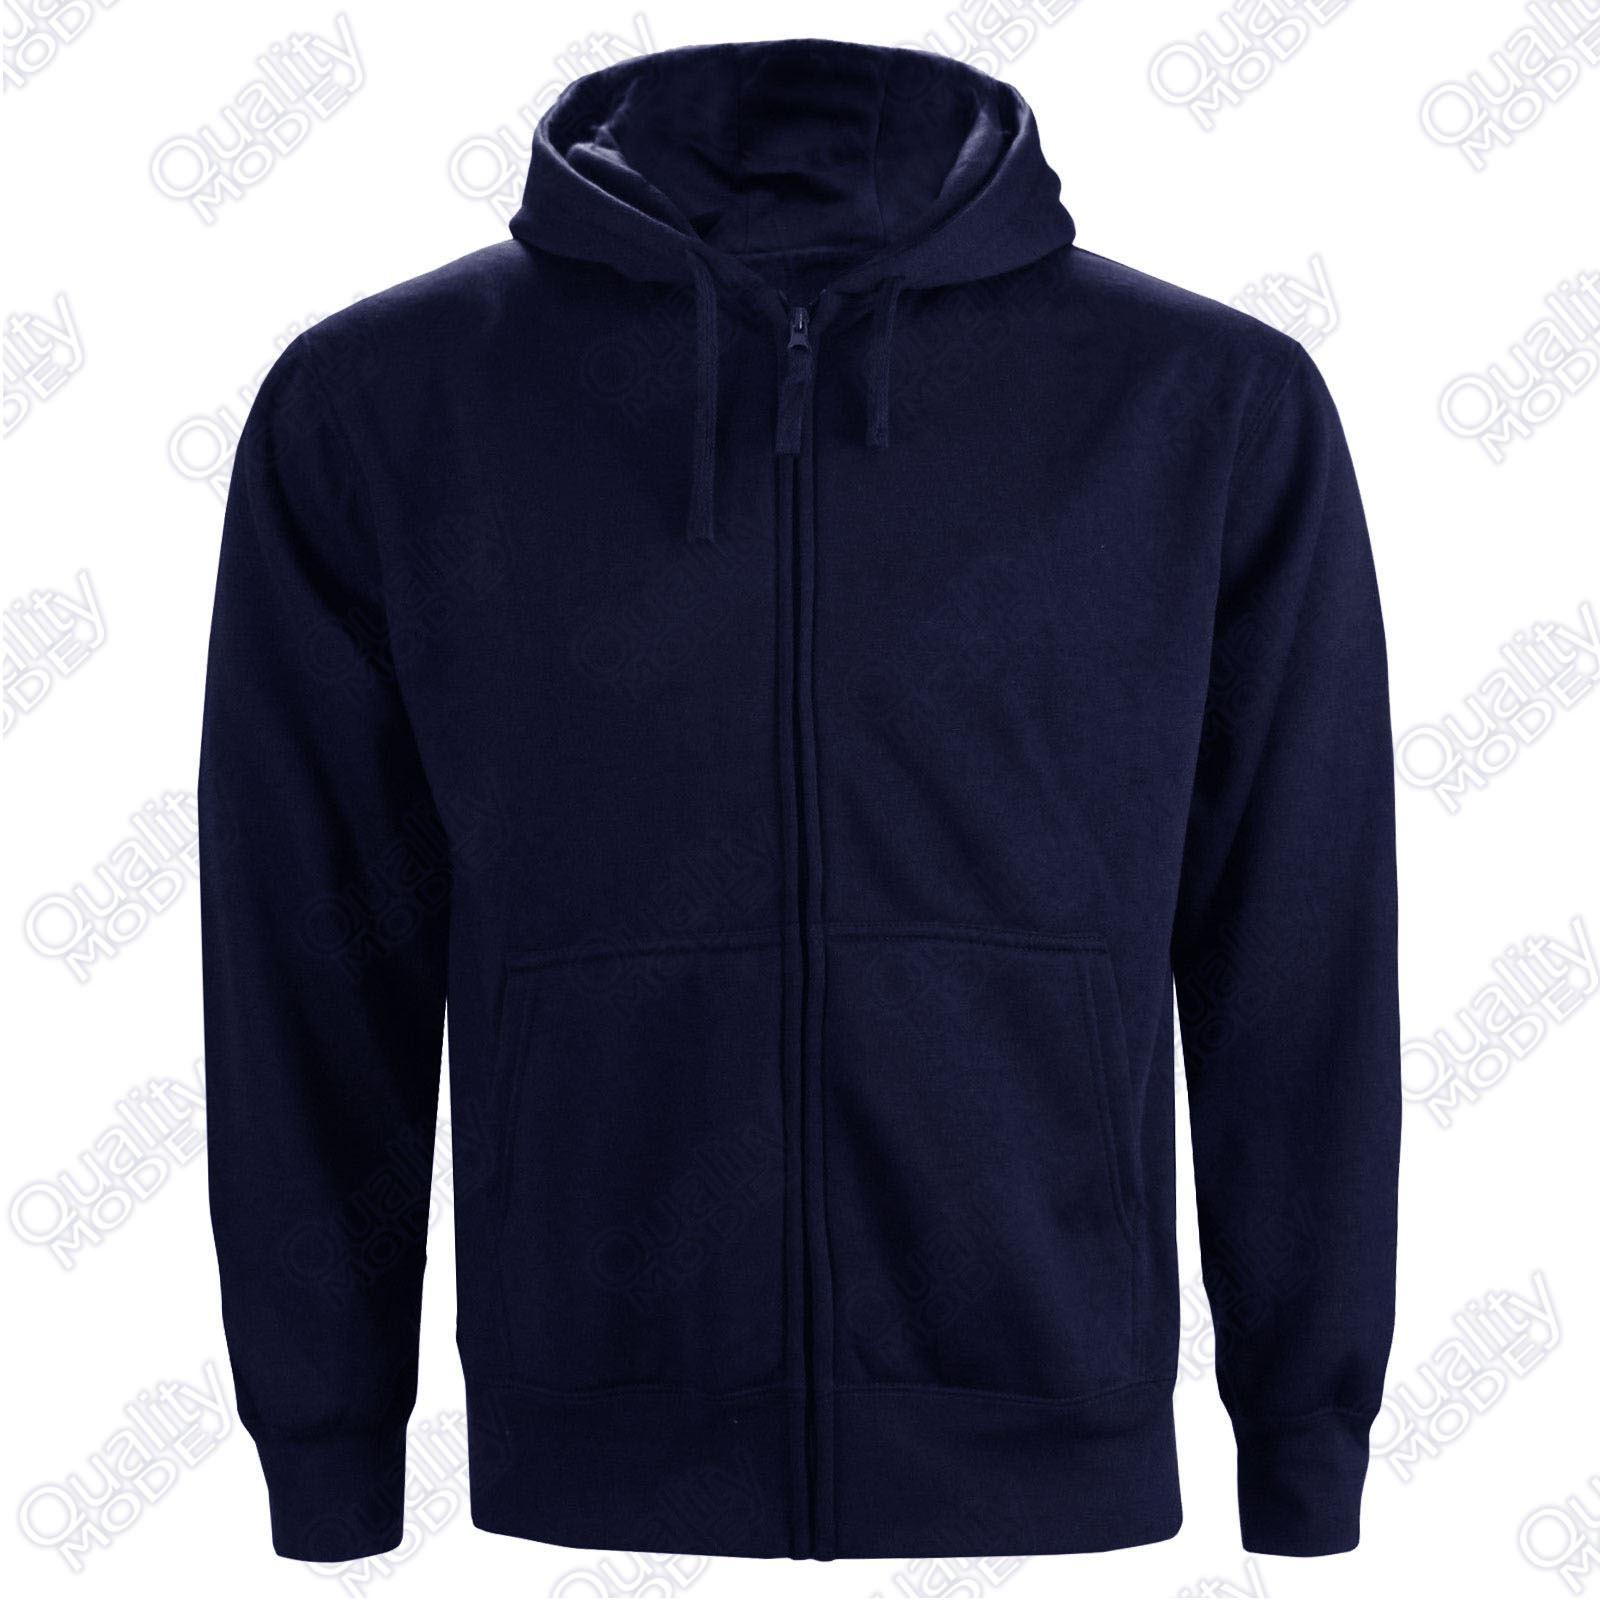 Mens wool hoody